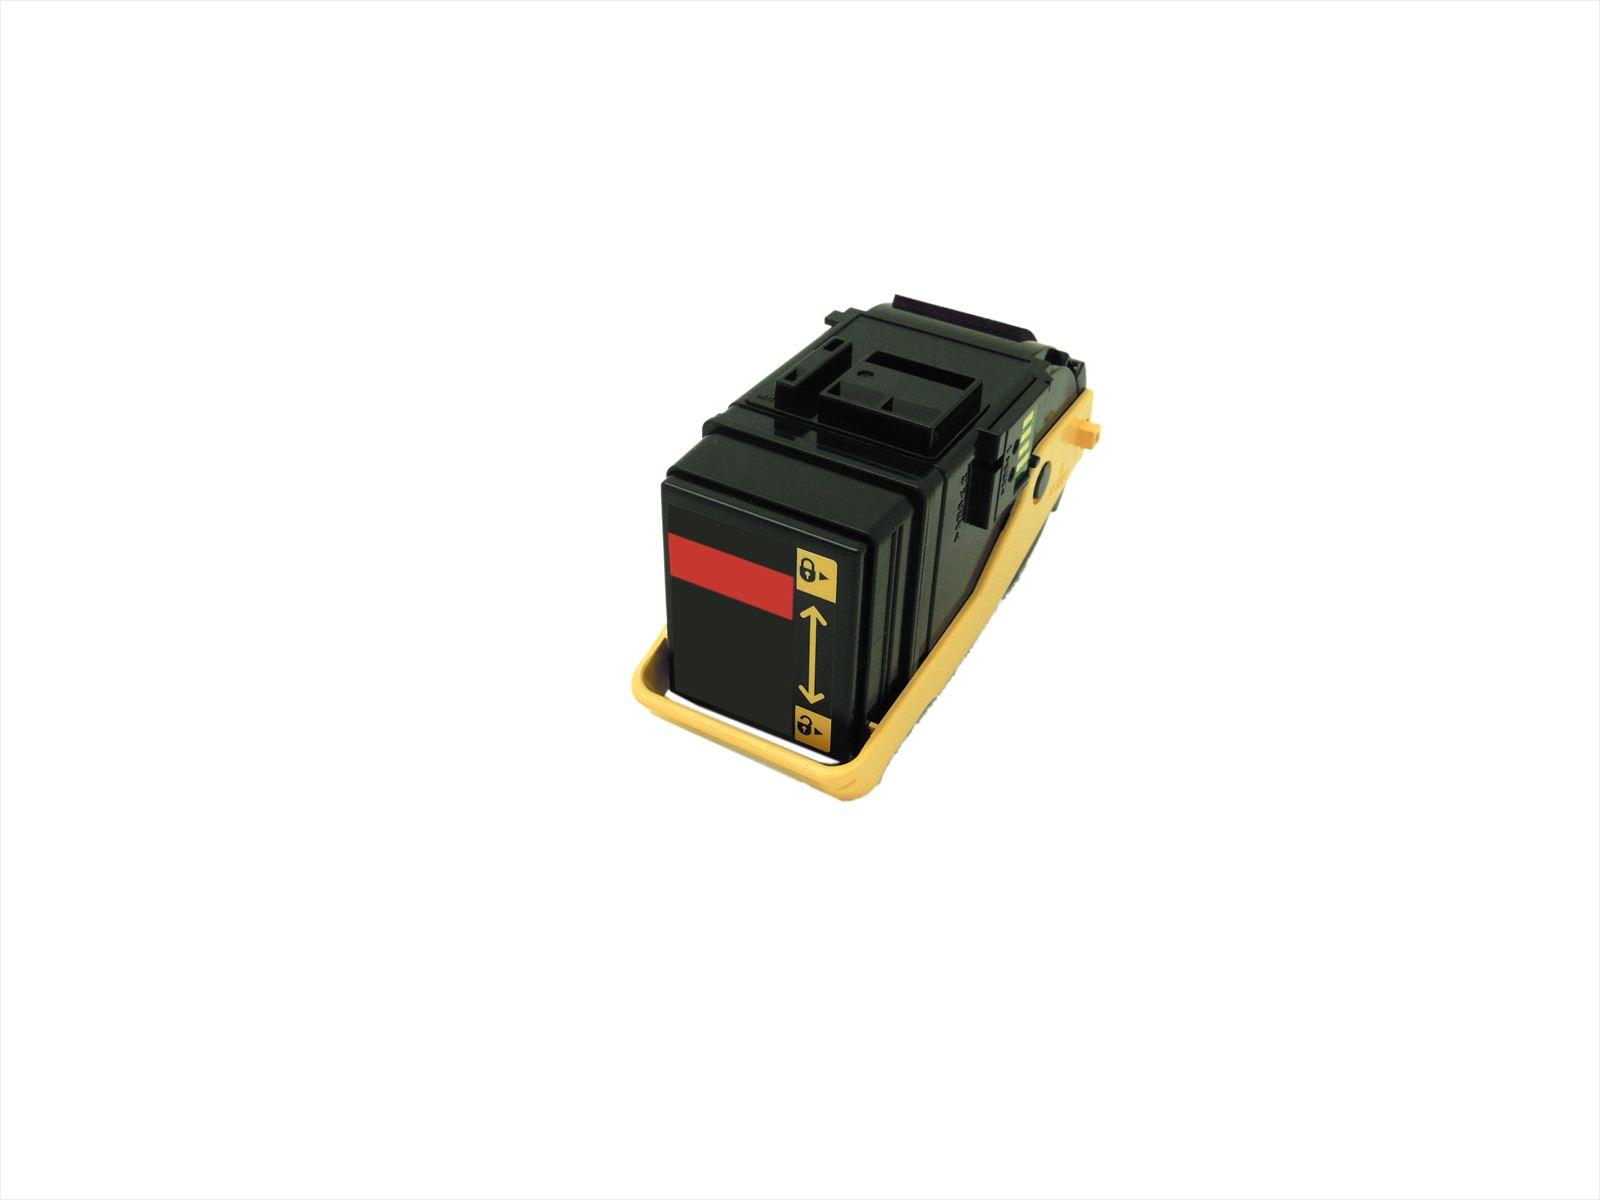 エネックス【Exusiaリサイクル・トナーカートリッジ】NECPR-L9100C-12 M 対応 ENEB-9100M